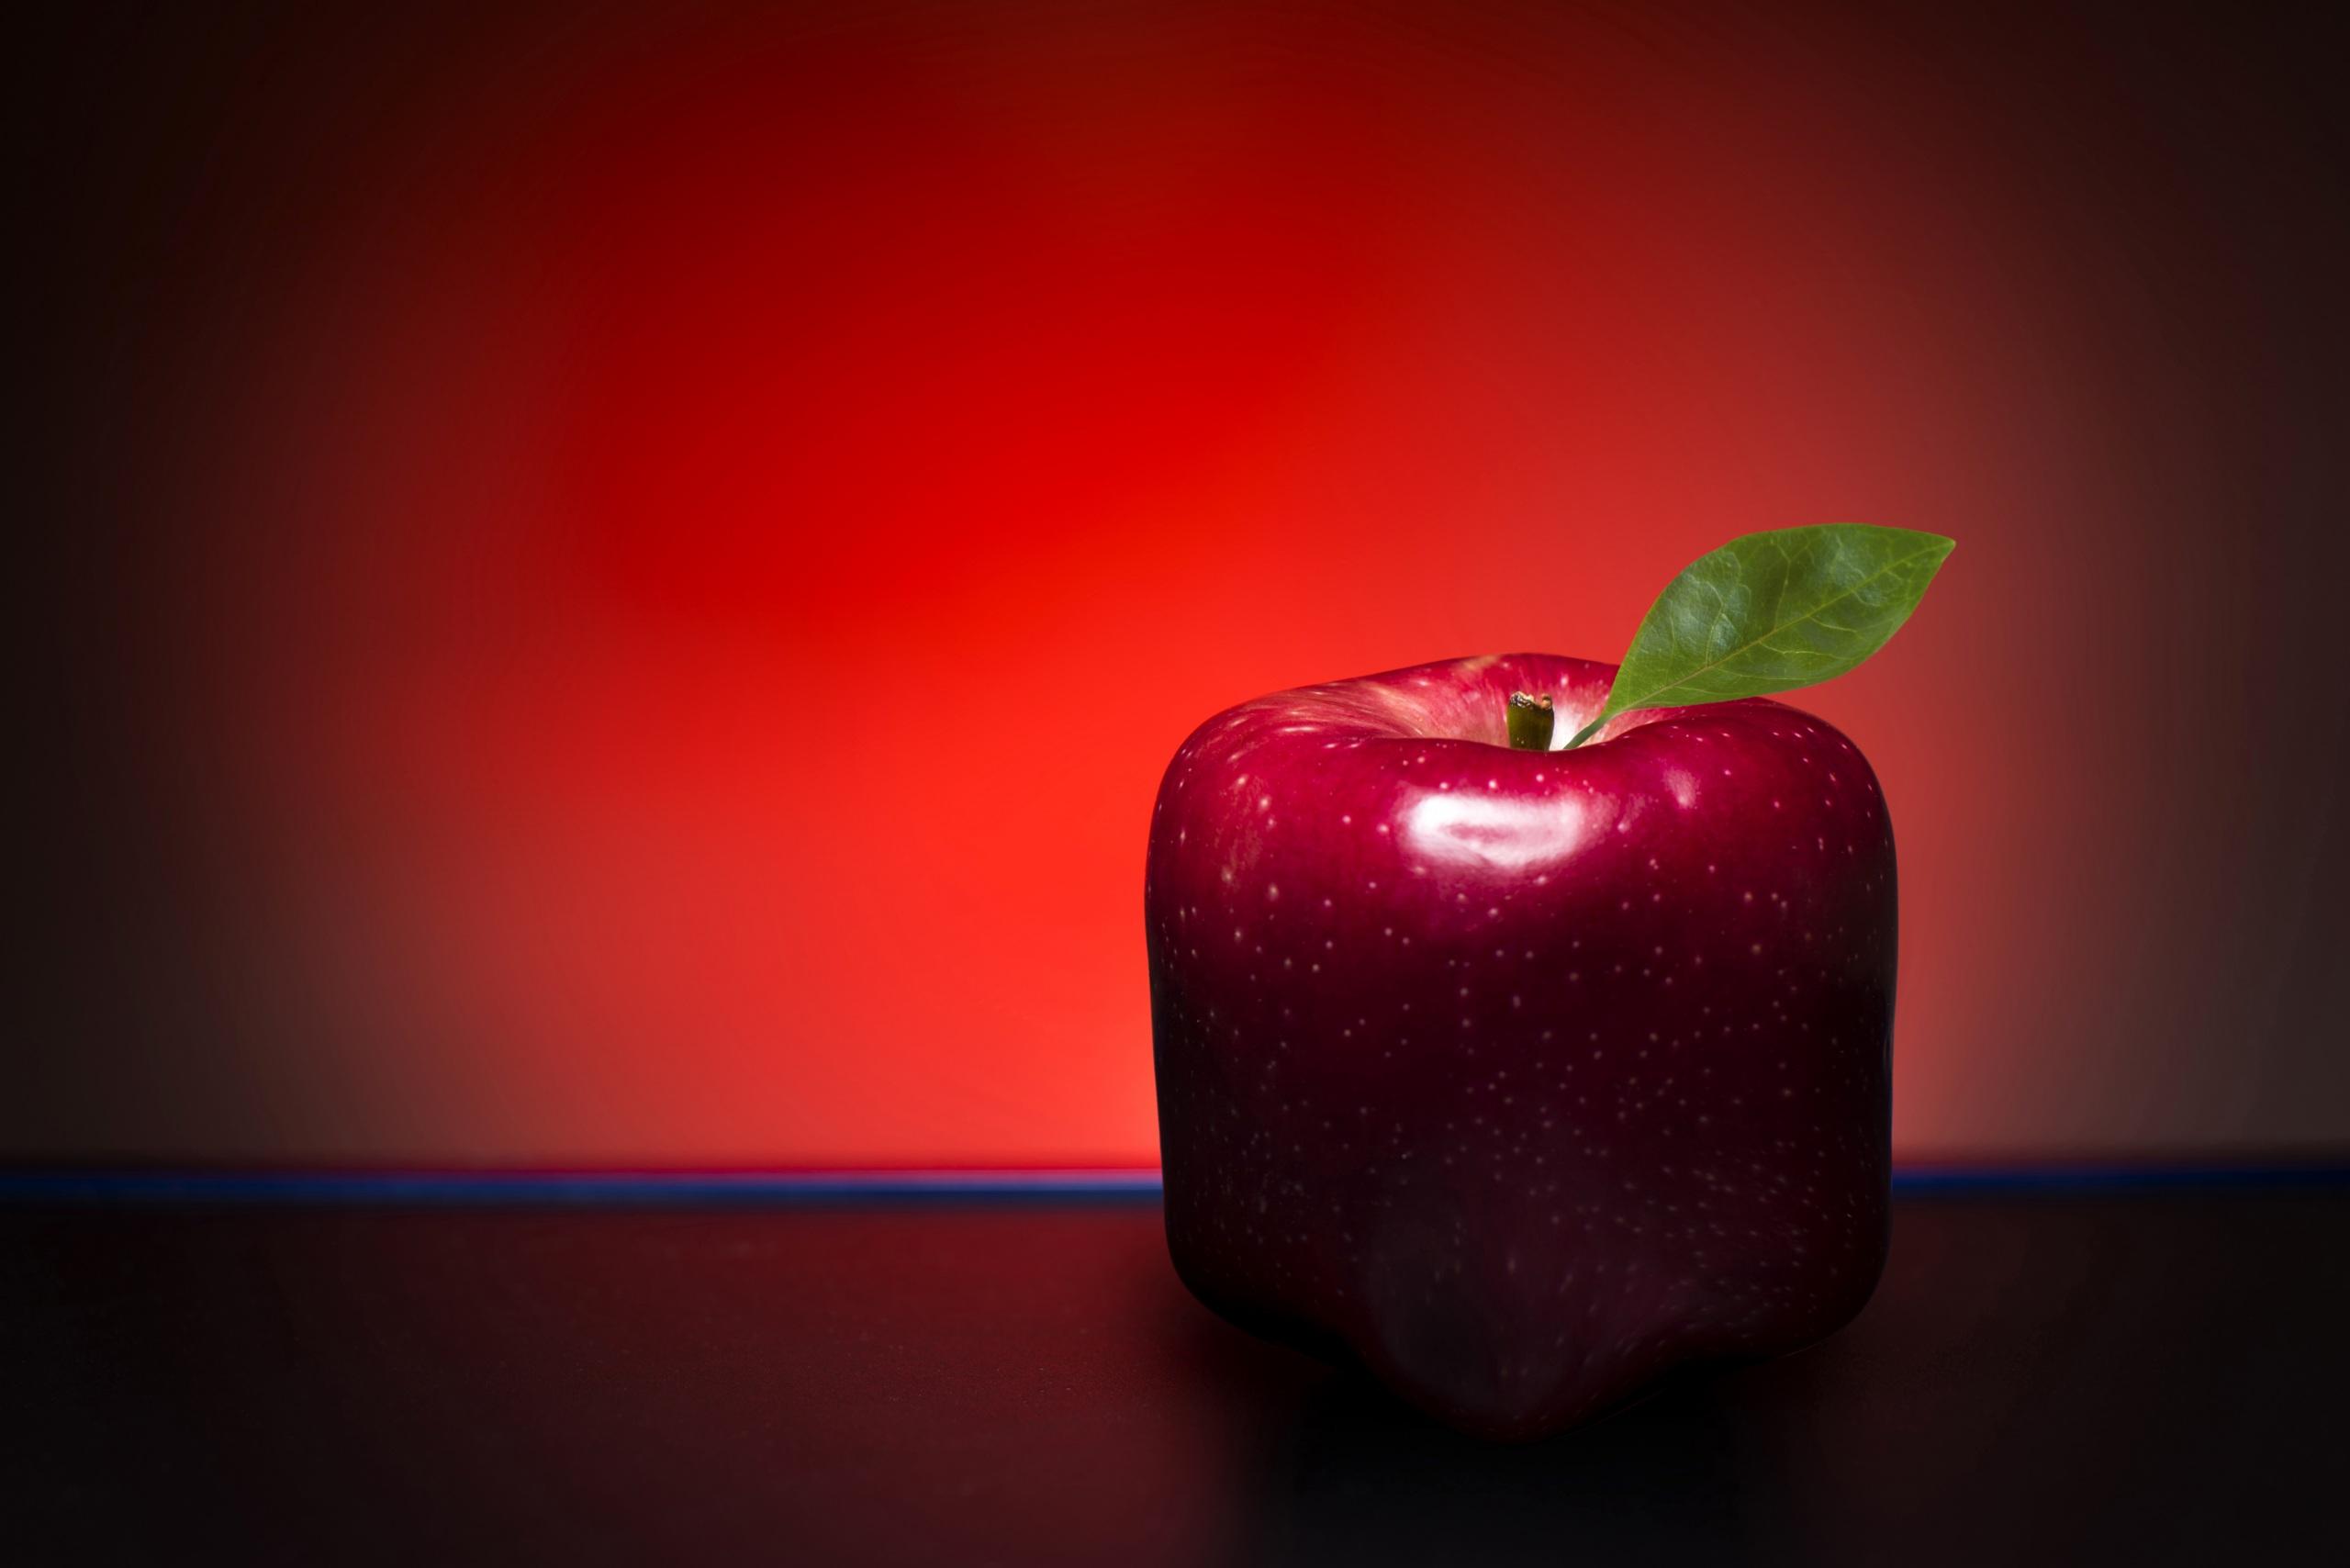 Обои для рабочего стола красная Яблоки оригинальные Пища Крупным планом 2560x1708 красных красные Красный Креатив Еда Продукты питания вблизи